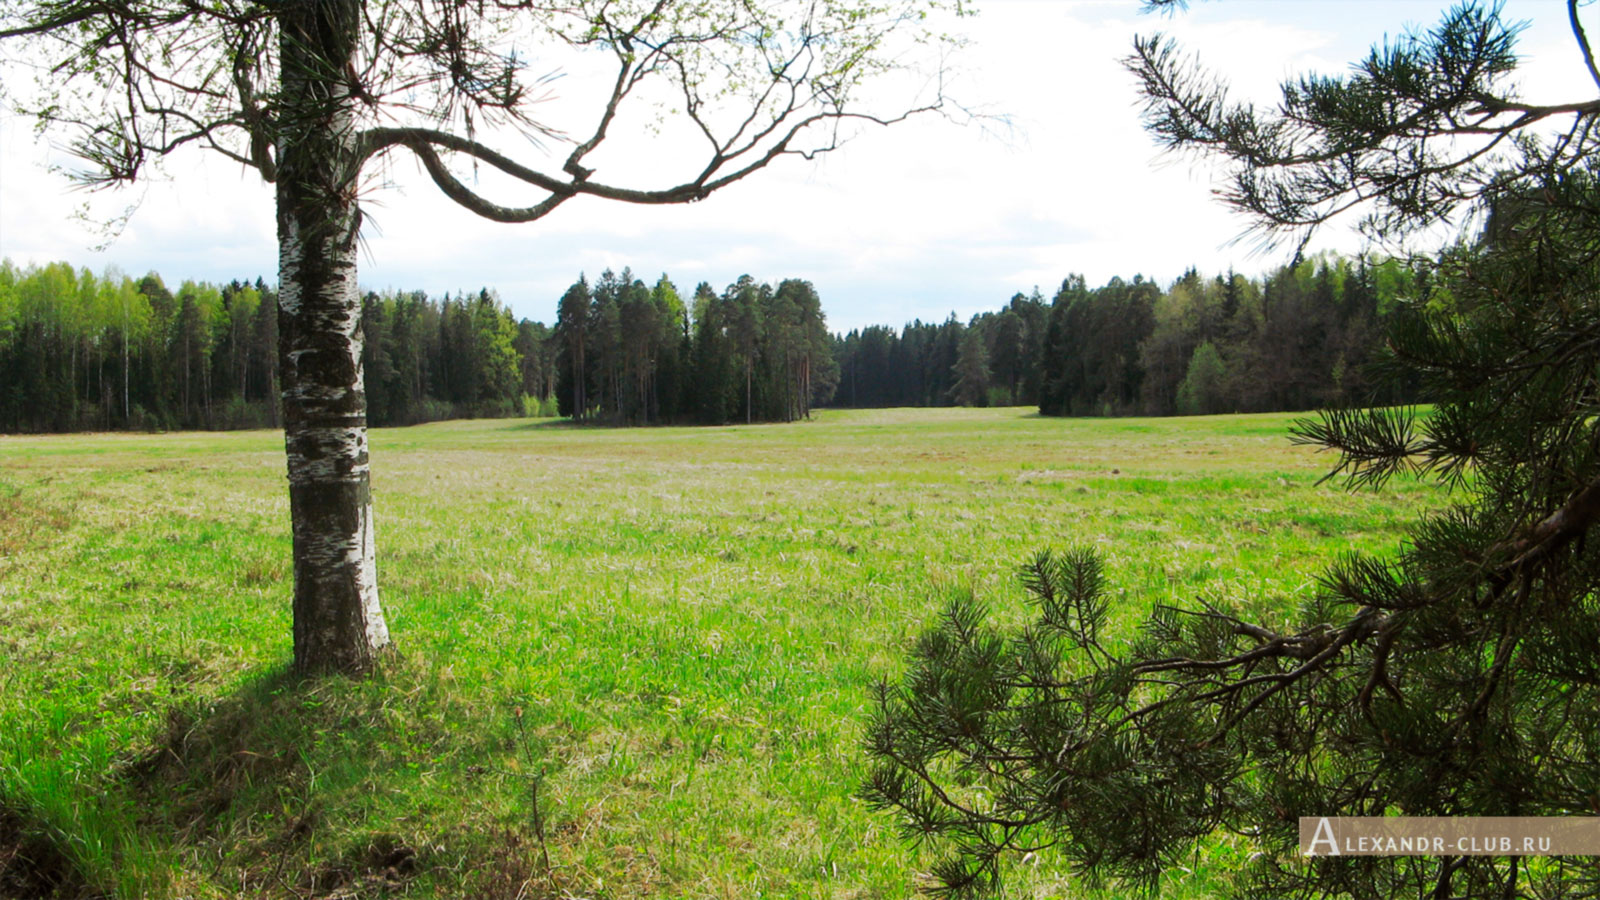 Павловский парк, весна, «Самое красивое место» – 1